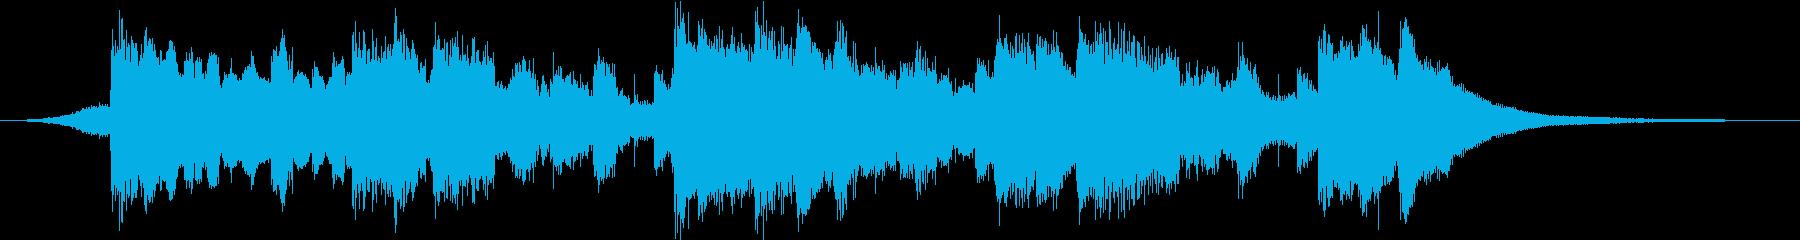 安心エンディングジングル・温かい・温もりの再生済みの波形